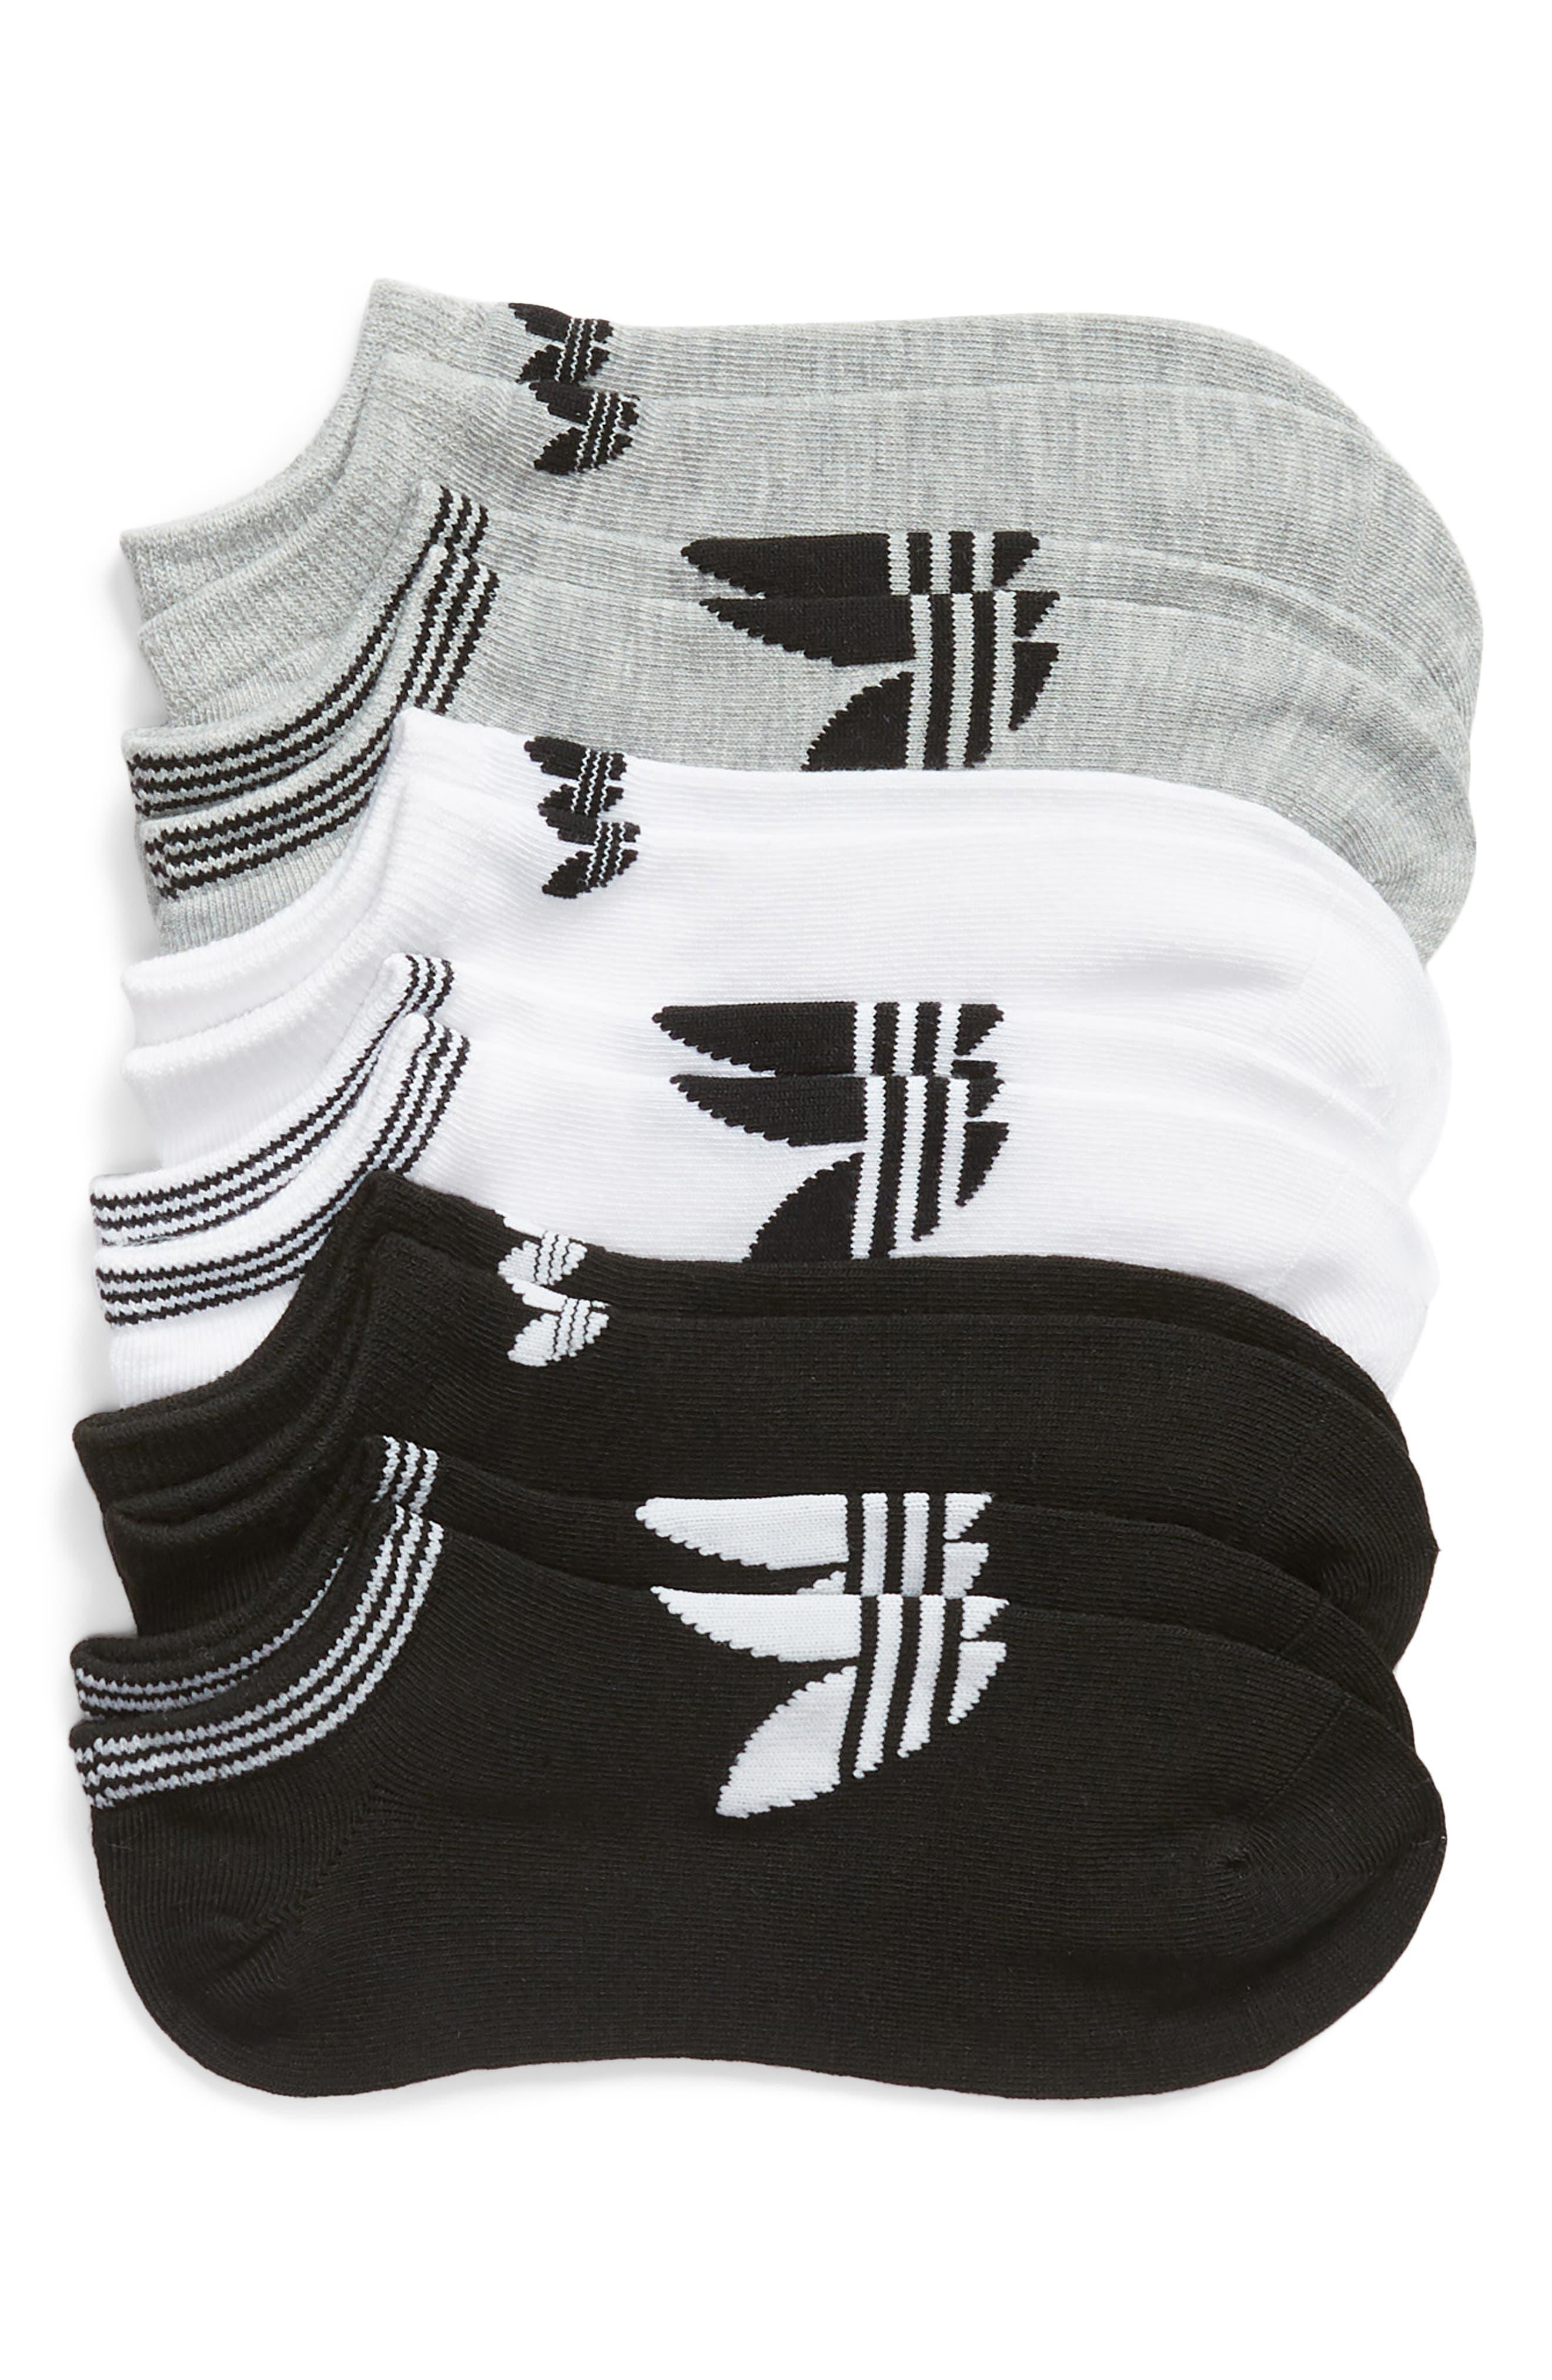 6-Pack No-Show Socks,                         Main,                         color, WHITE/ LT HTHR GREY/ BLACK